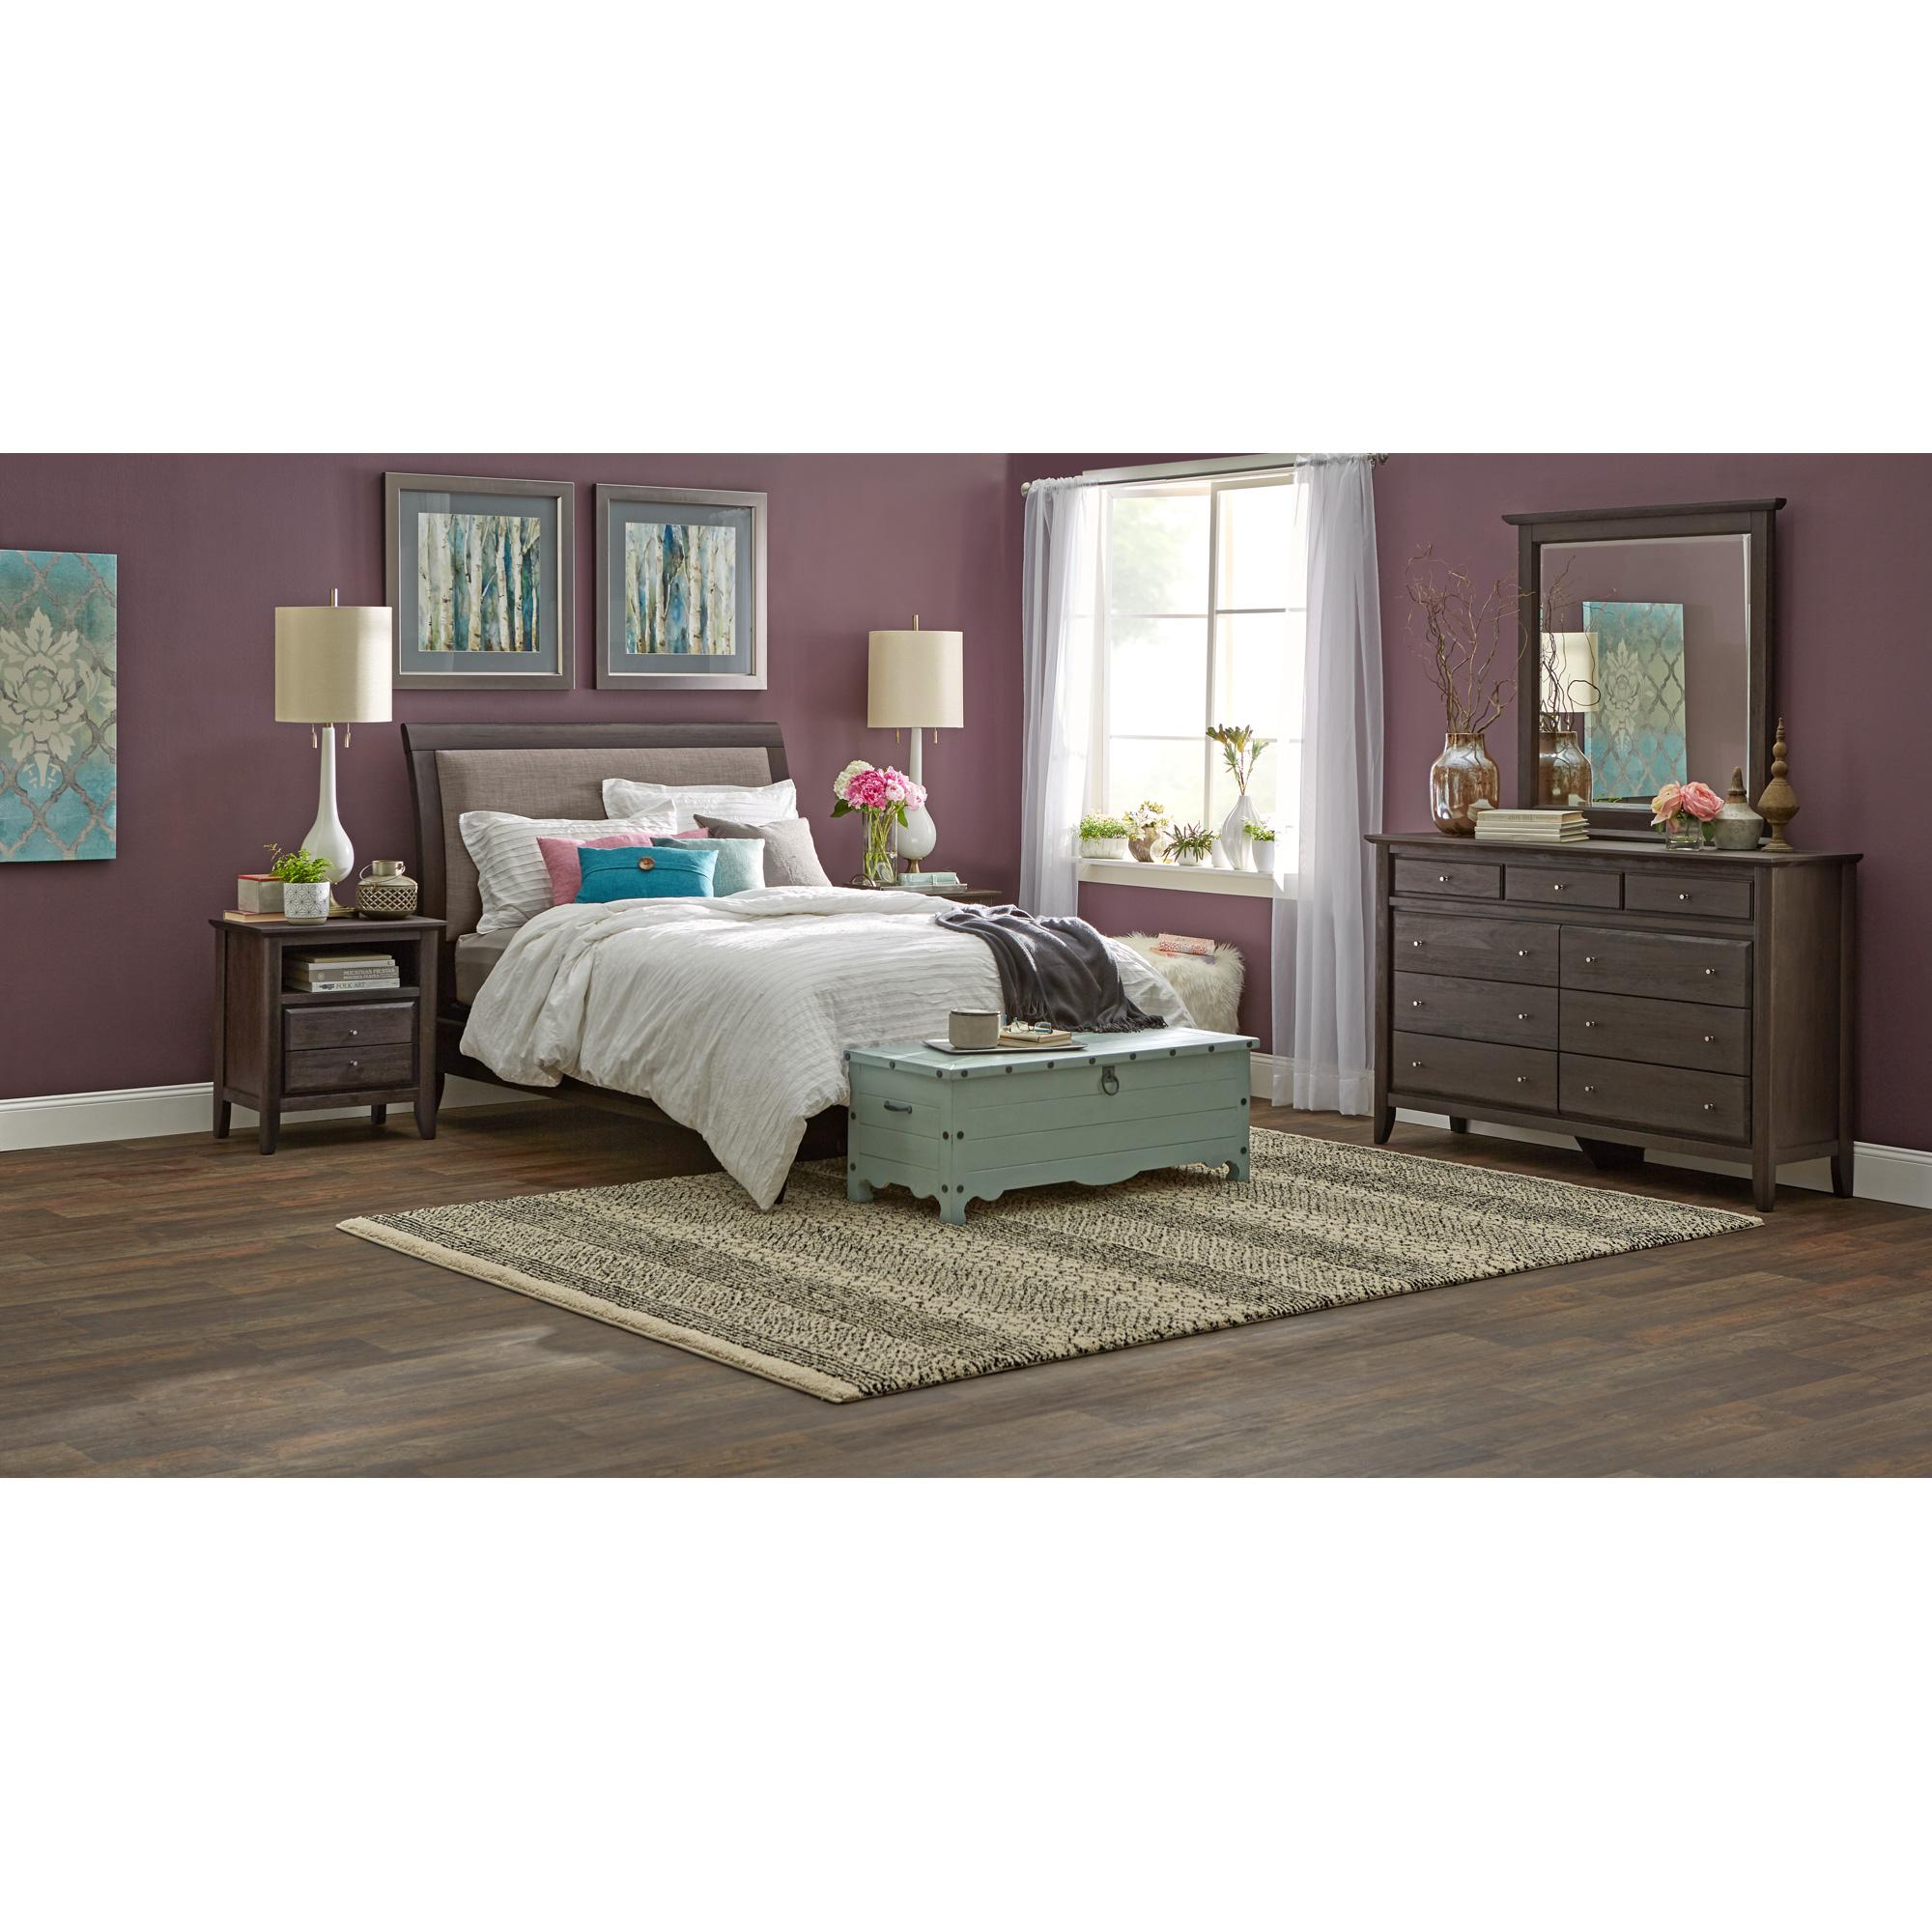 Modus Furniture International | City II Basalt Queen 4 Piece Room Group Bedroom Set